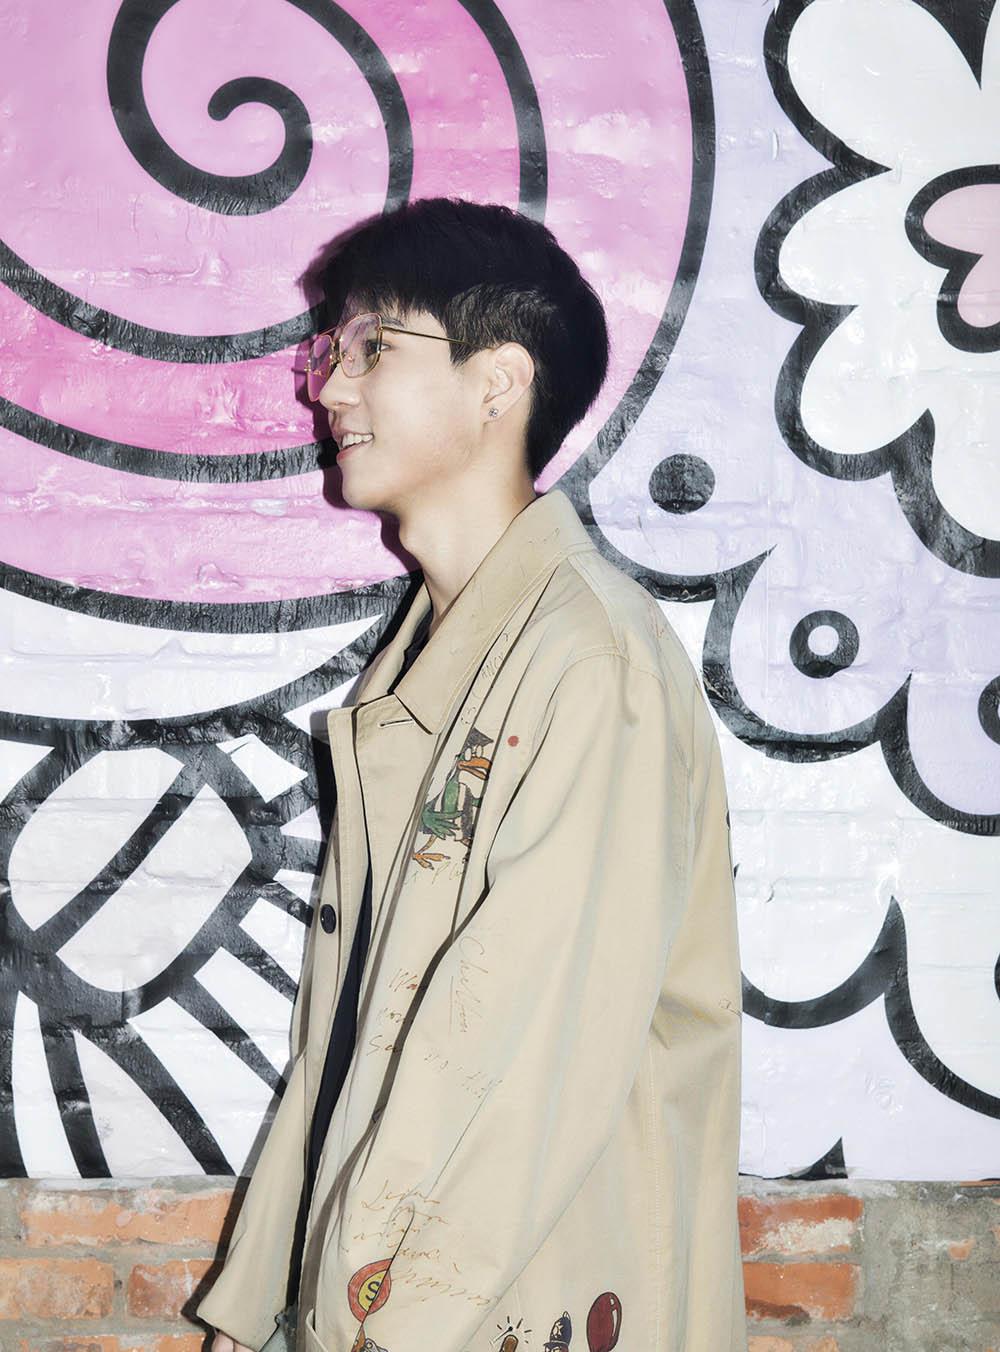 杨桐爆时尚街拍  青葱少年展现活力青春